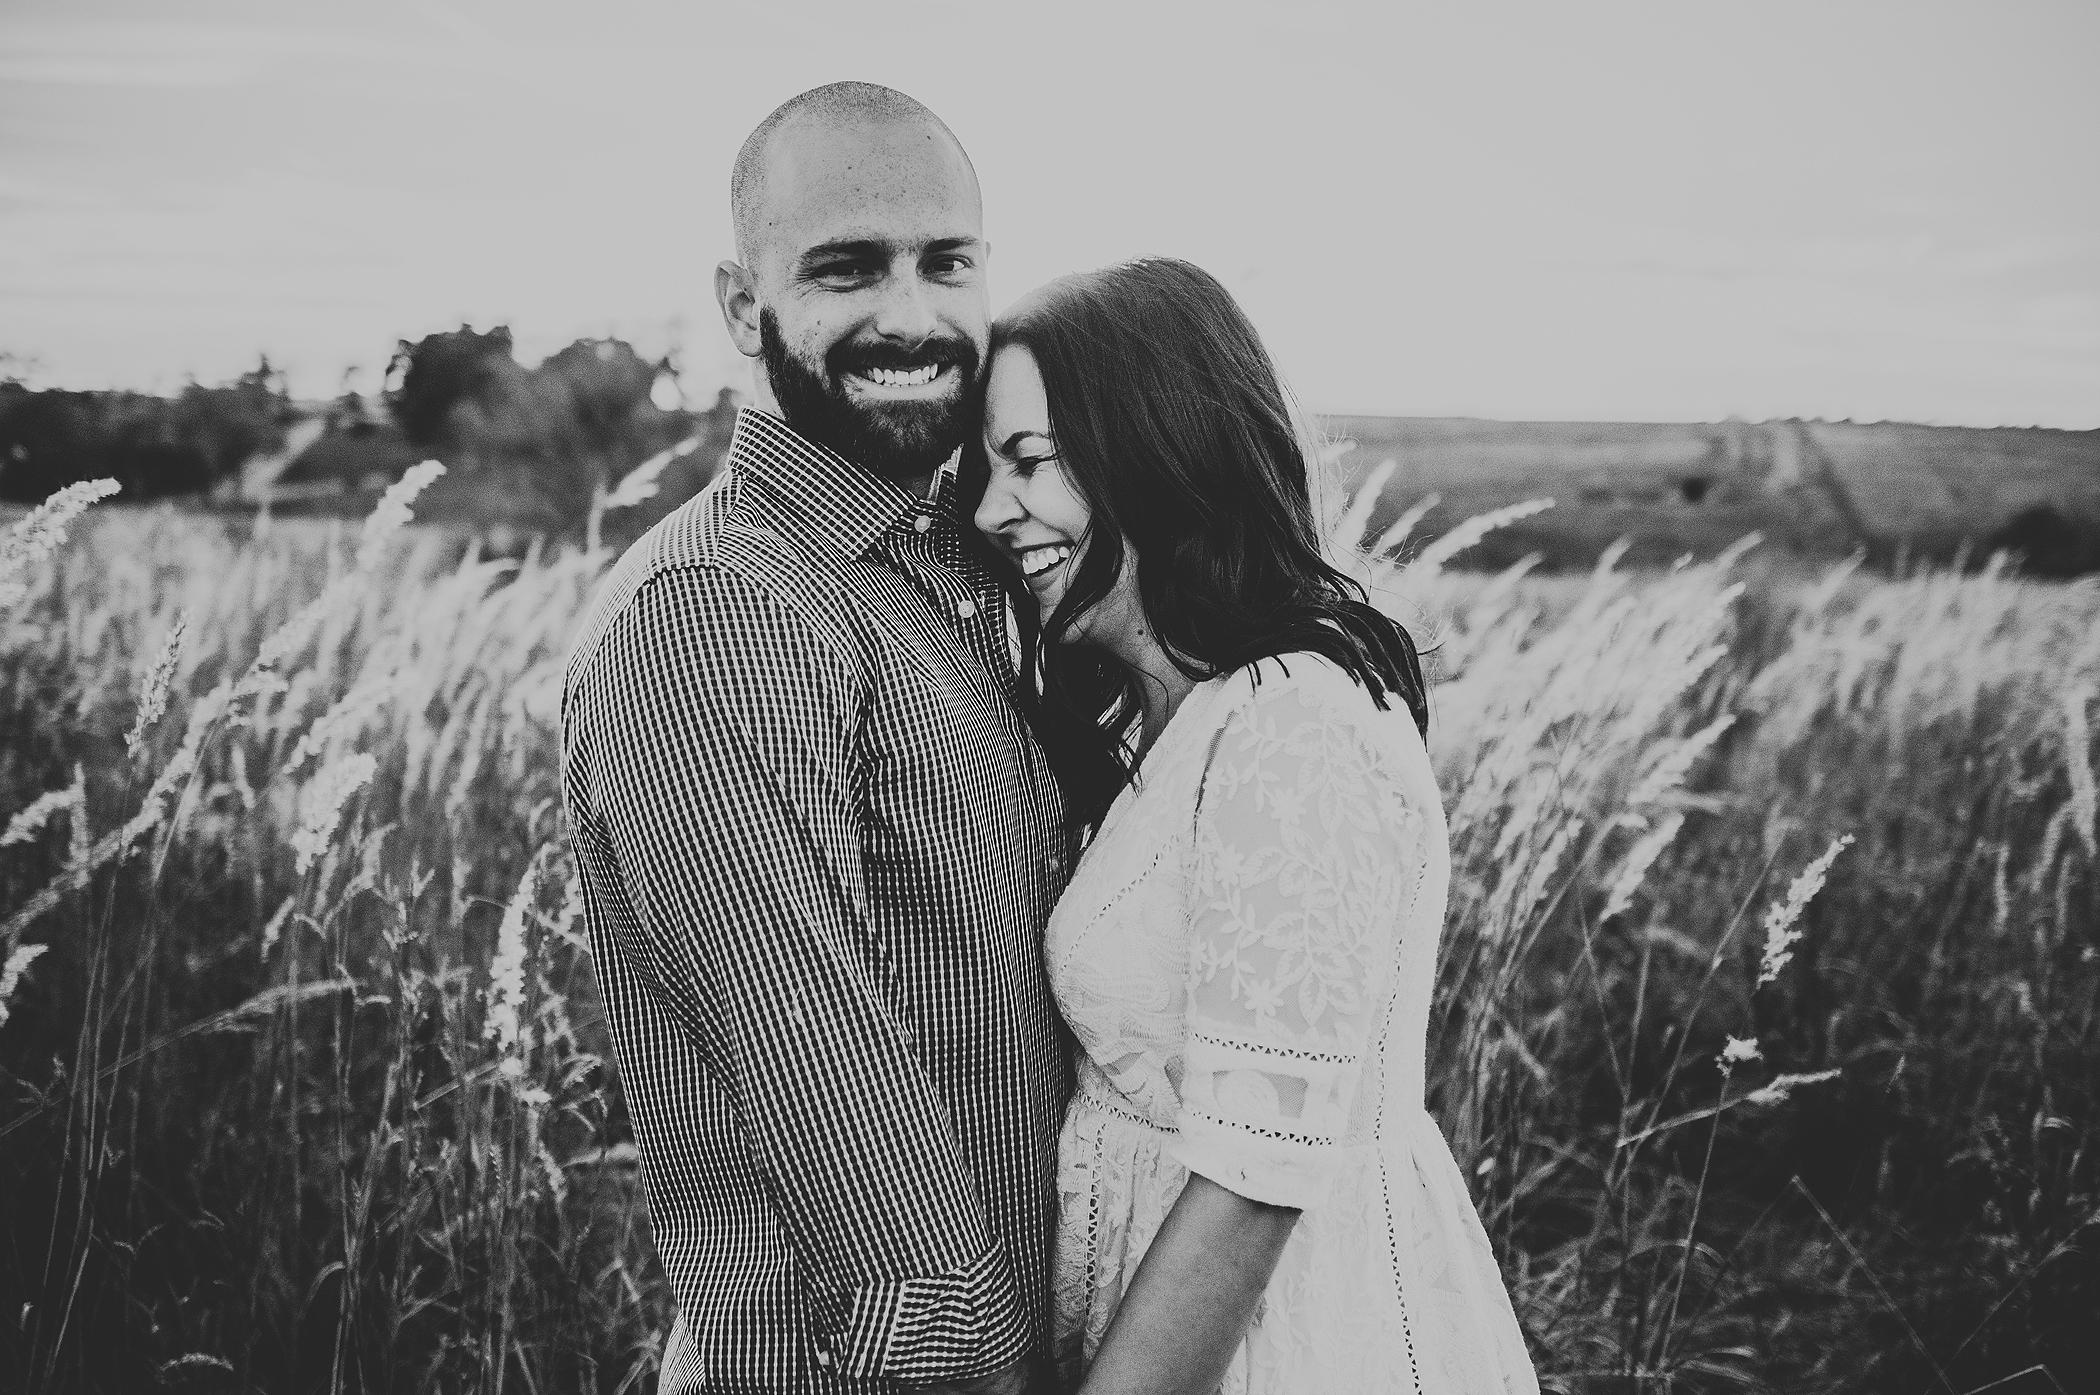 Phil-and-Tara(Engaged)-269.png